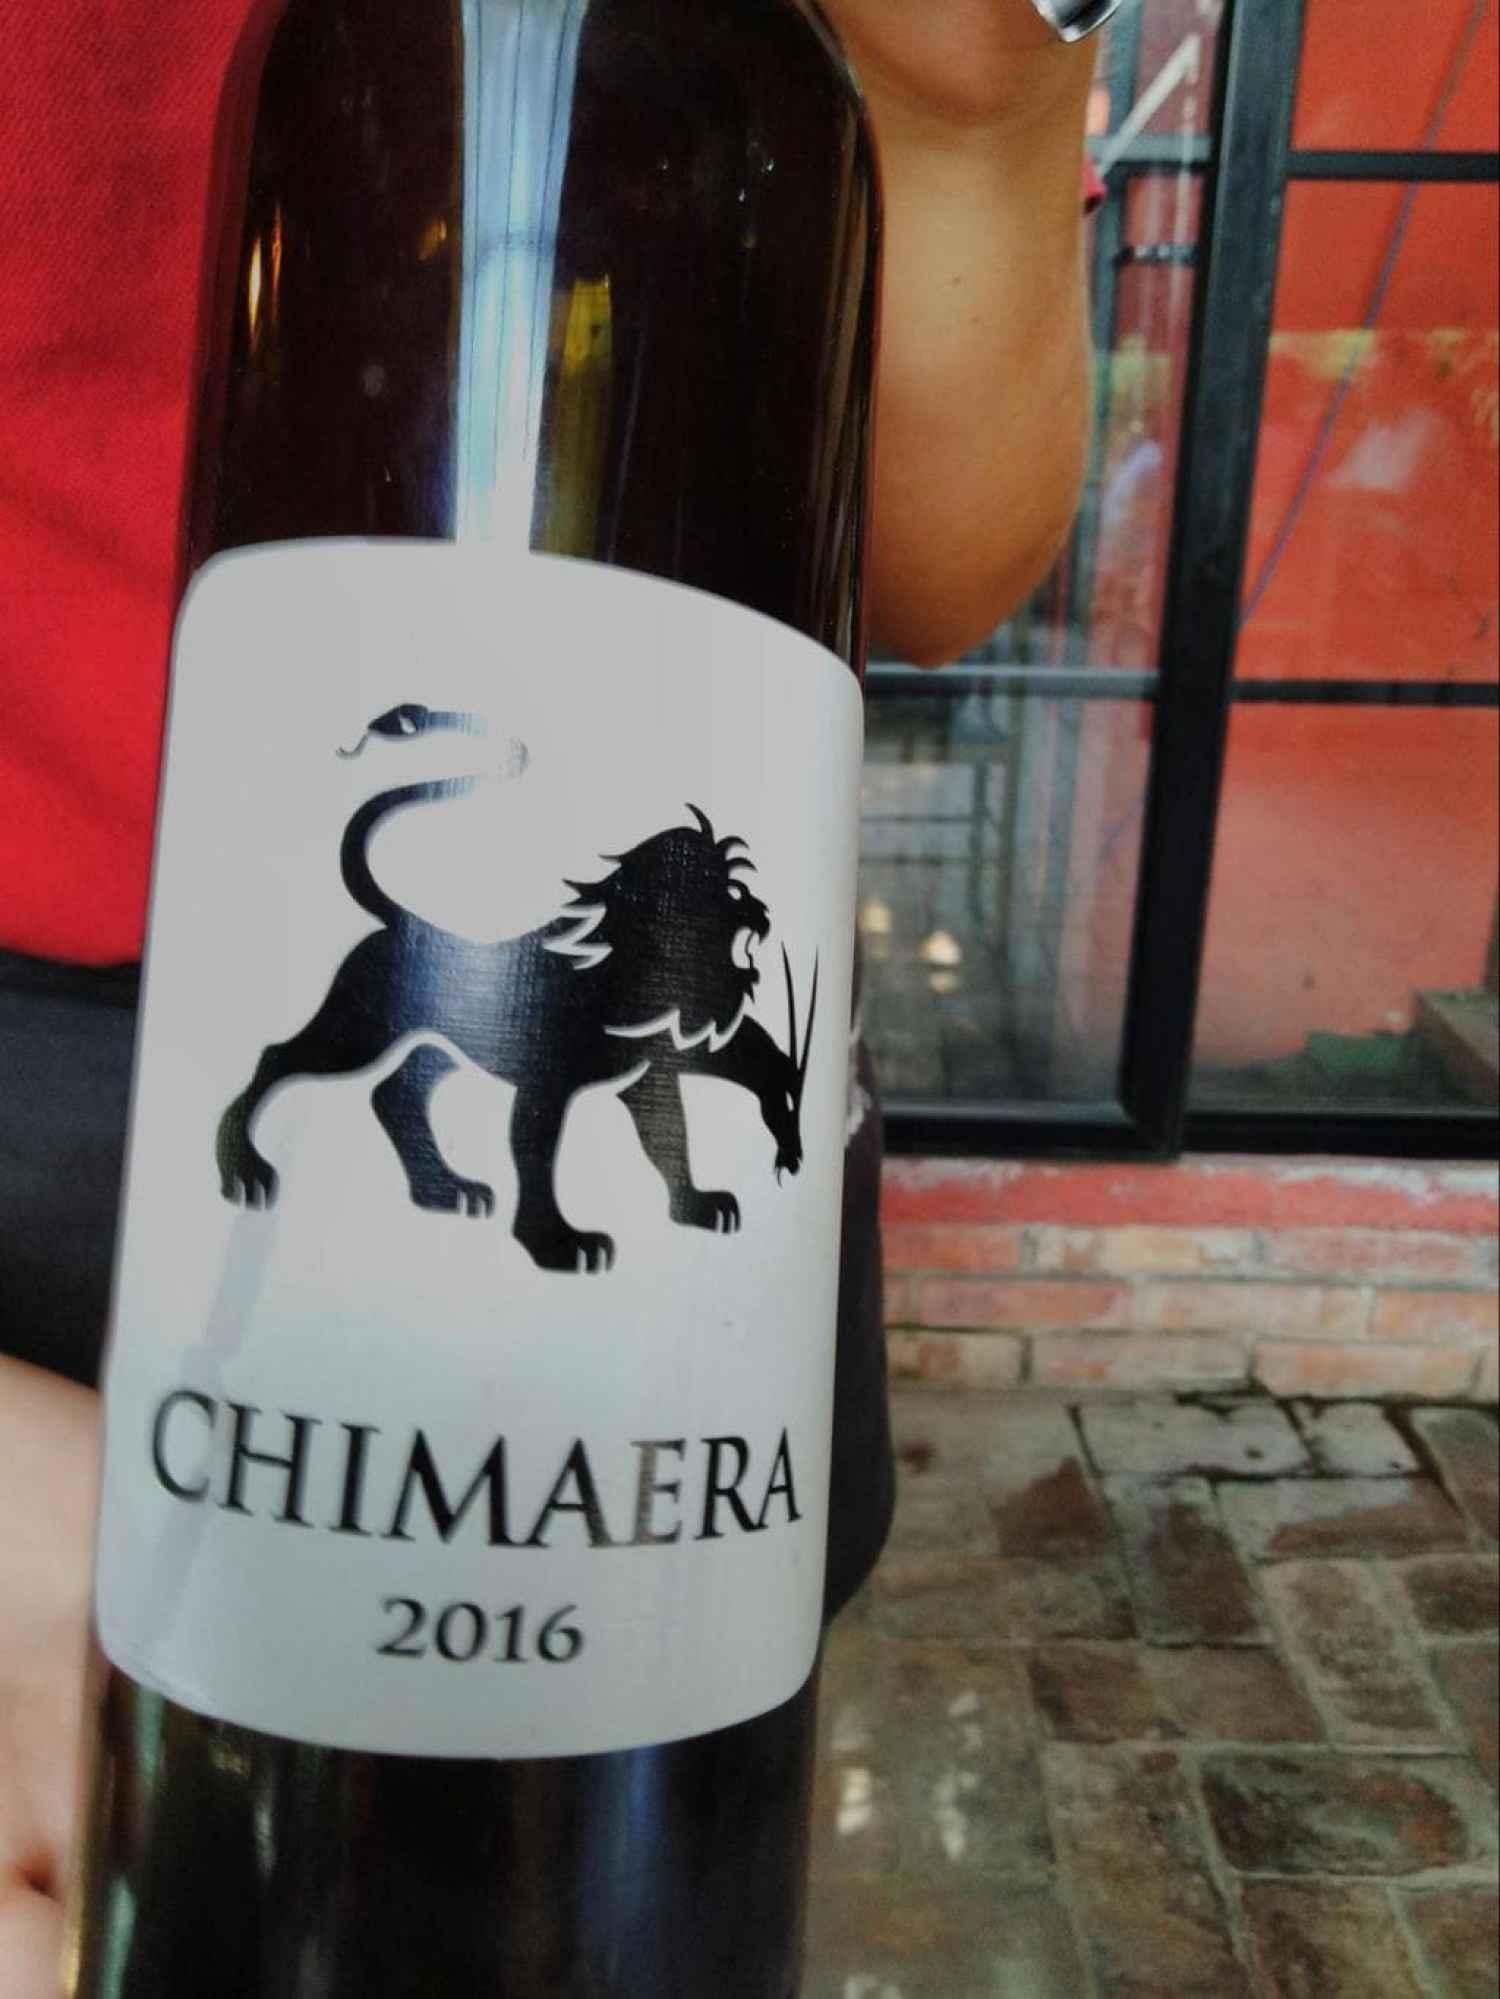 Chimaera wine from Uka